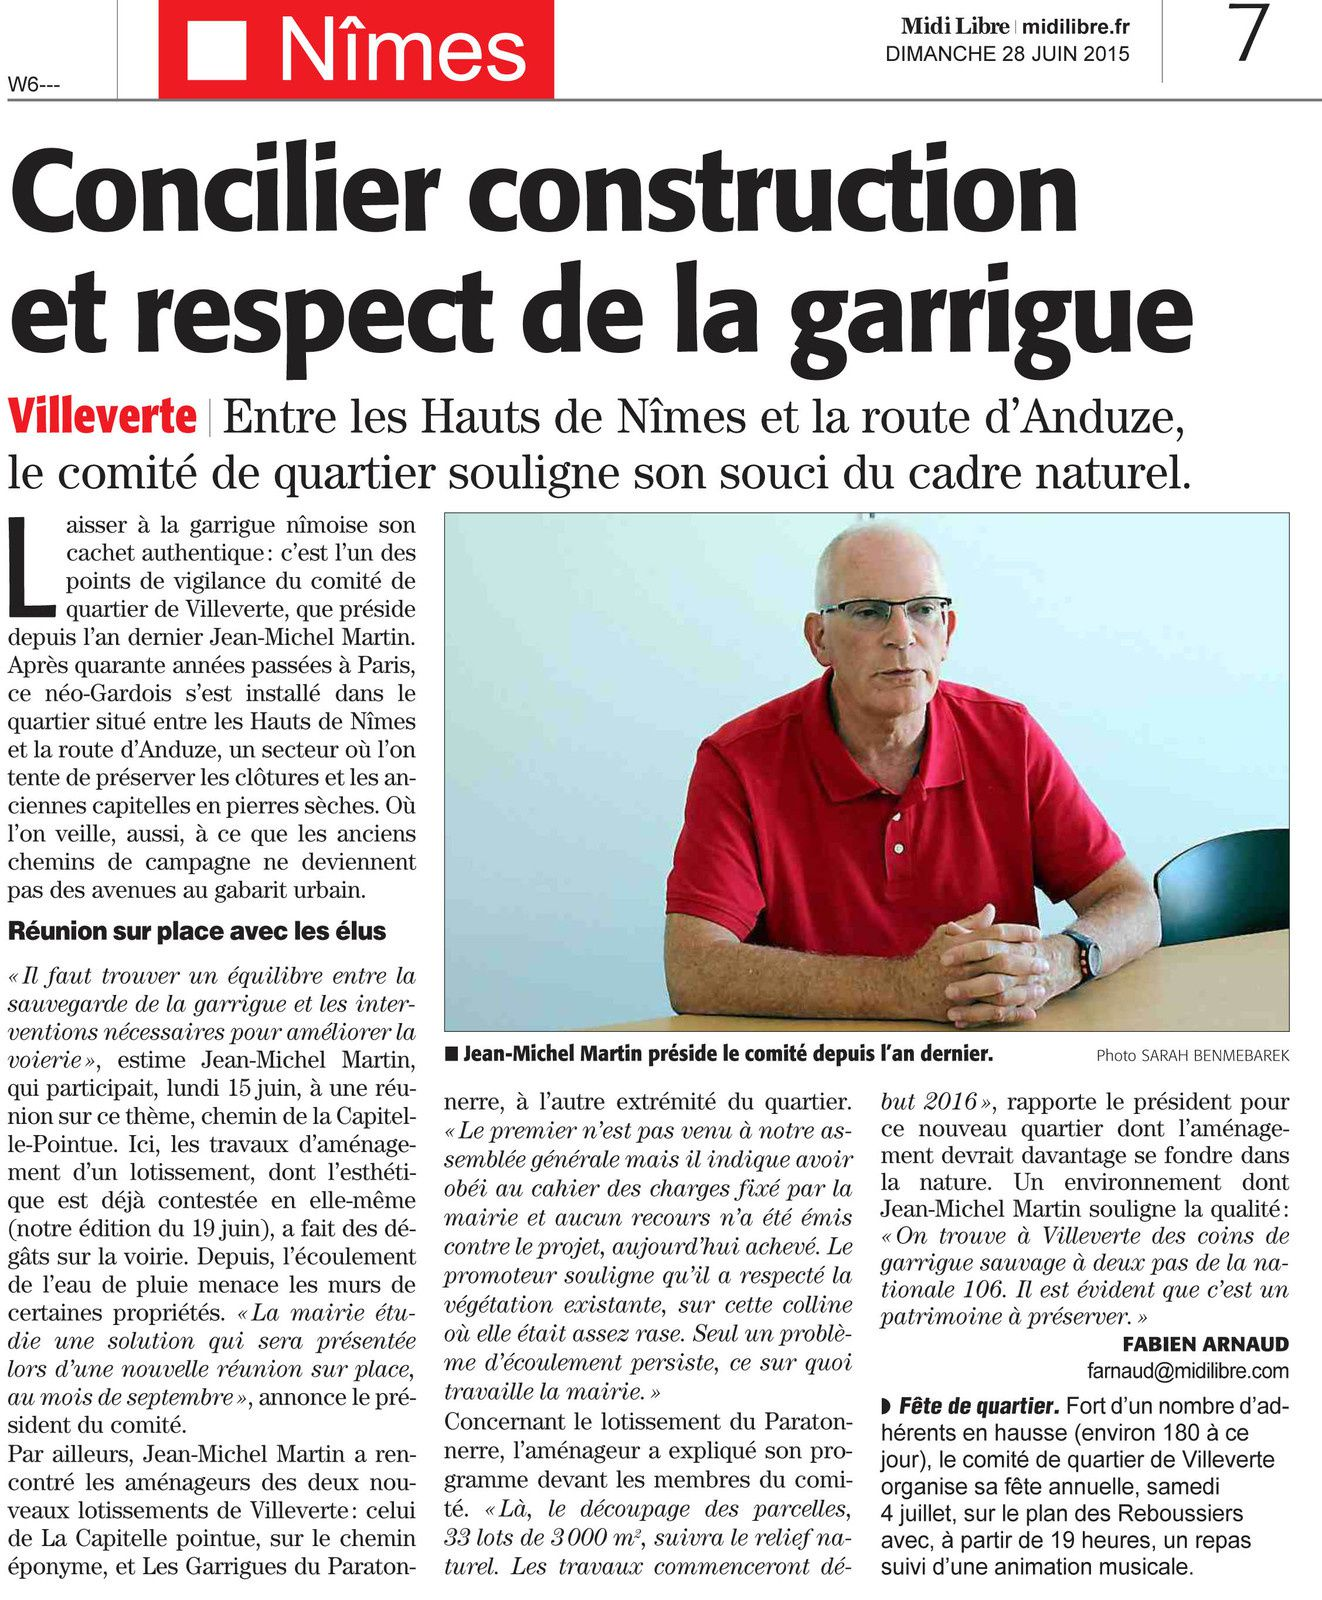 Article Midi libre sur le comité de Quartier de Villeverte